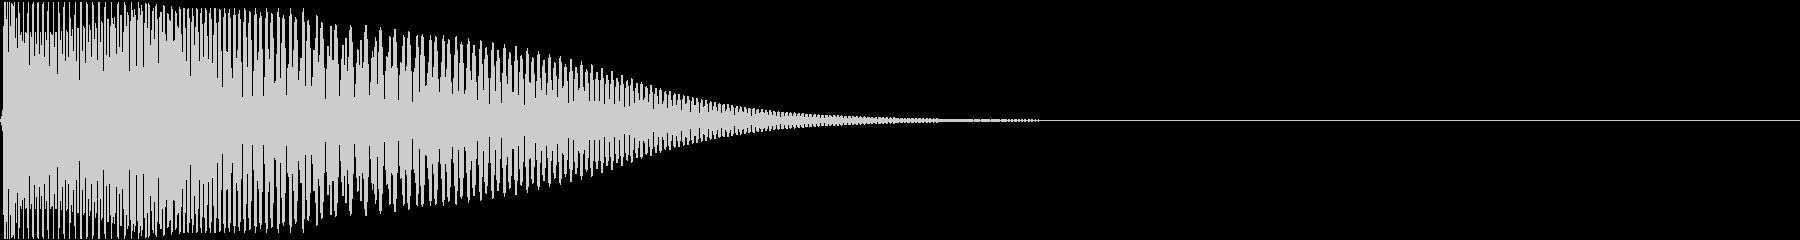 ポウン(バウンド・はねてるような音)の未再生の波形